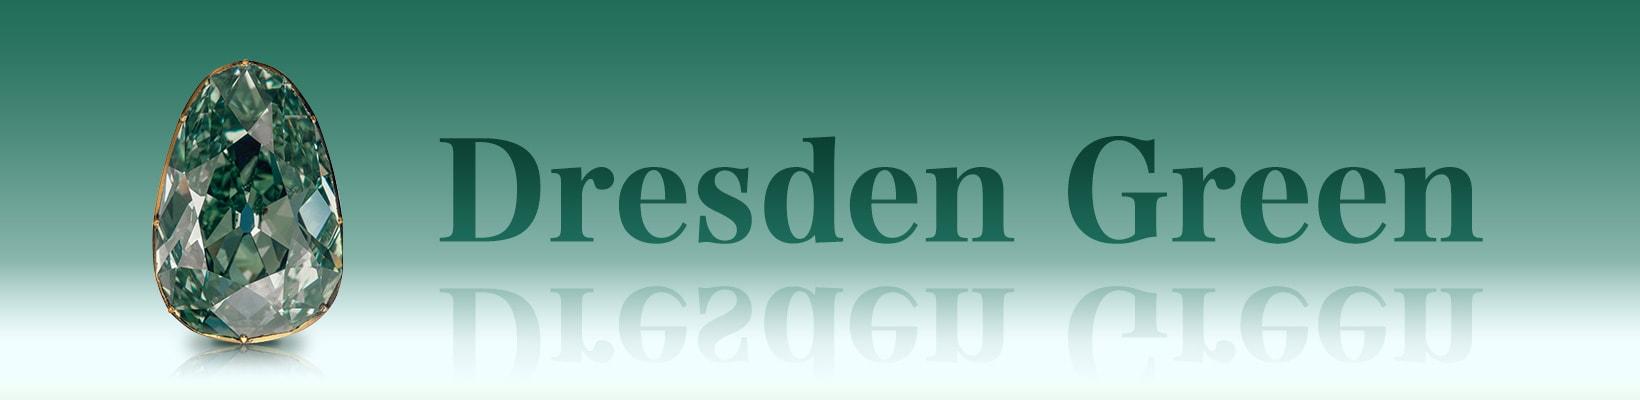 【緑色のダイヤ】ドレスデン・グリーン